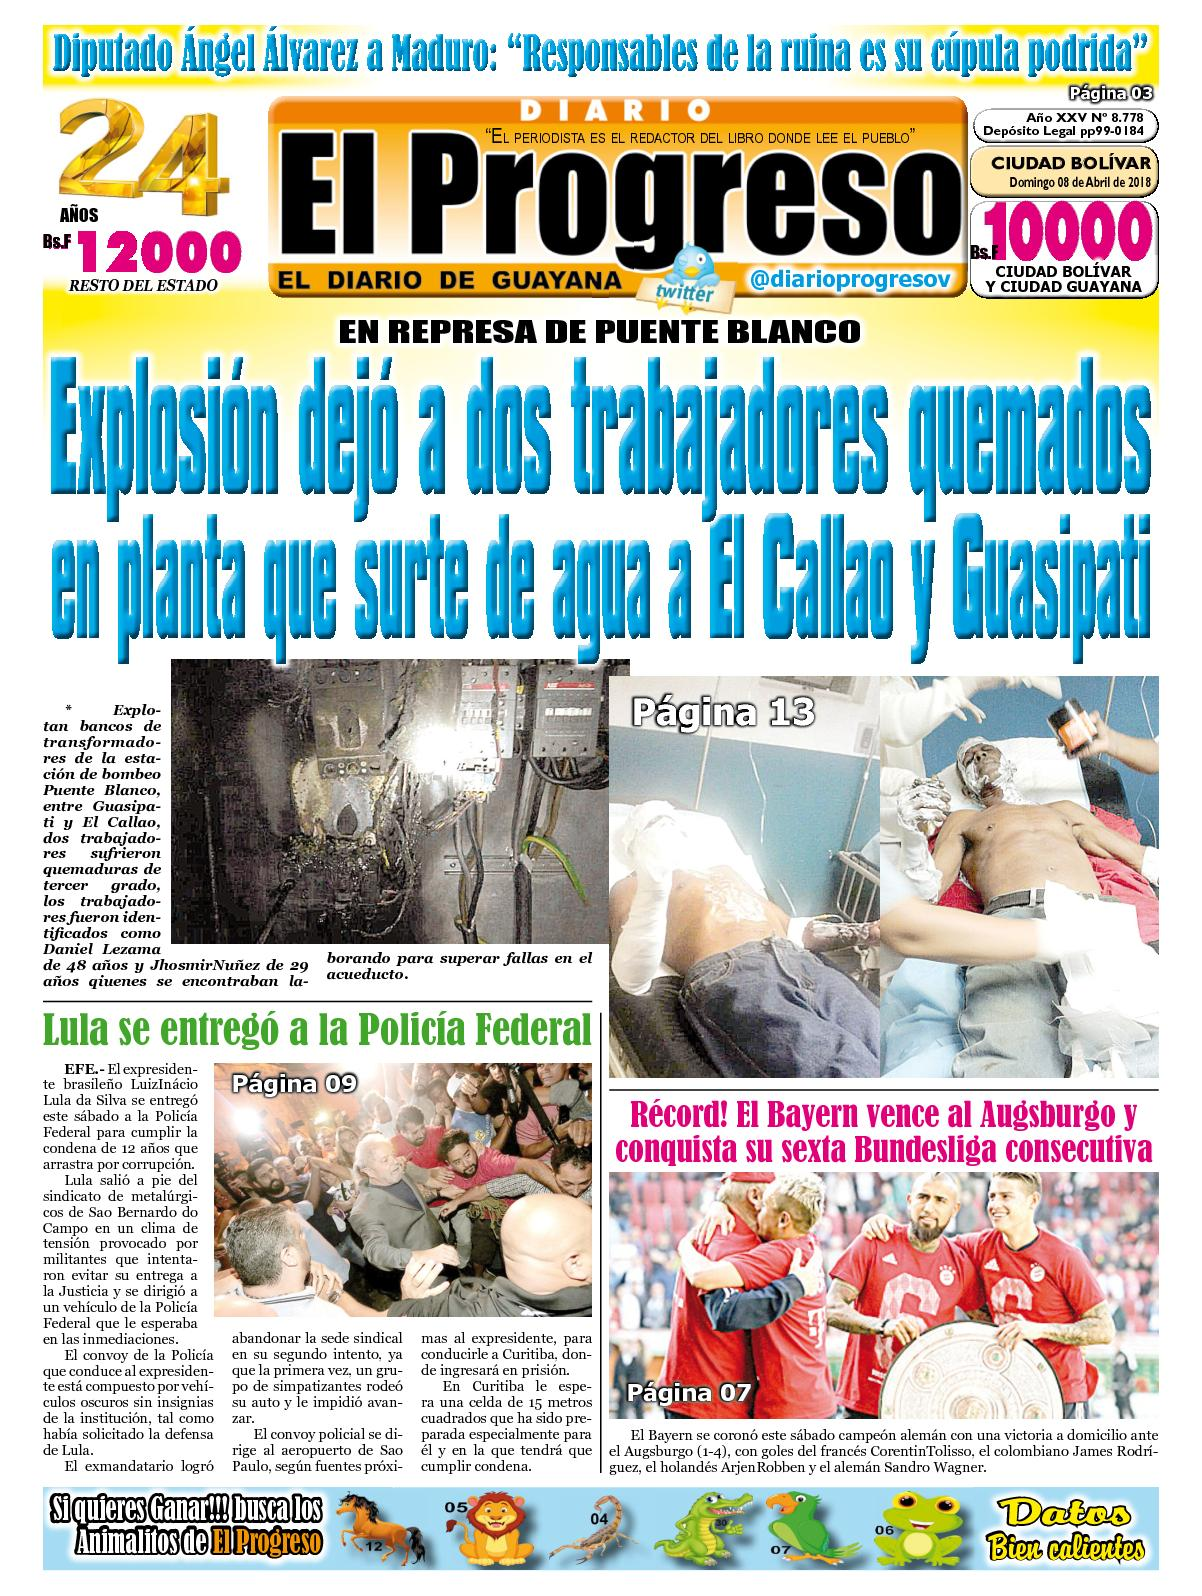 Calaméo - Diarioelprogreso2018 04 08 c741503bd9e